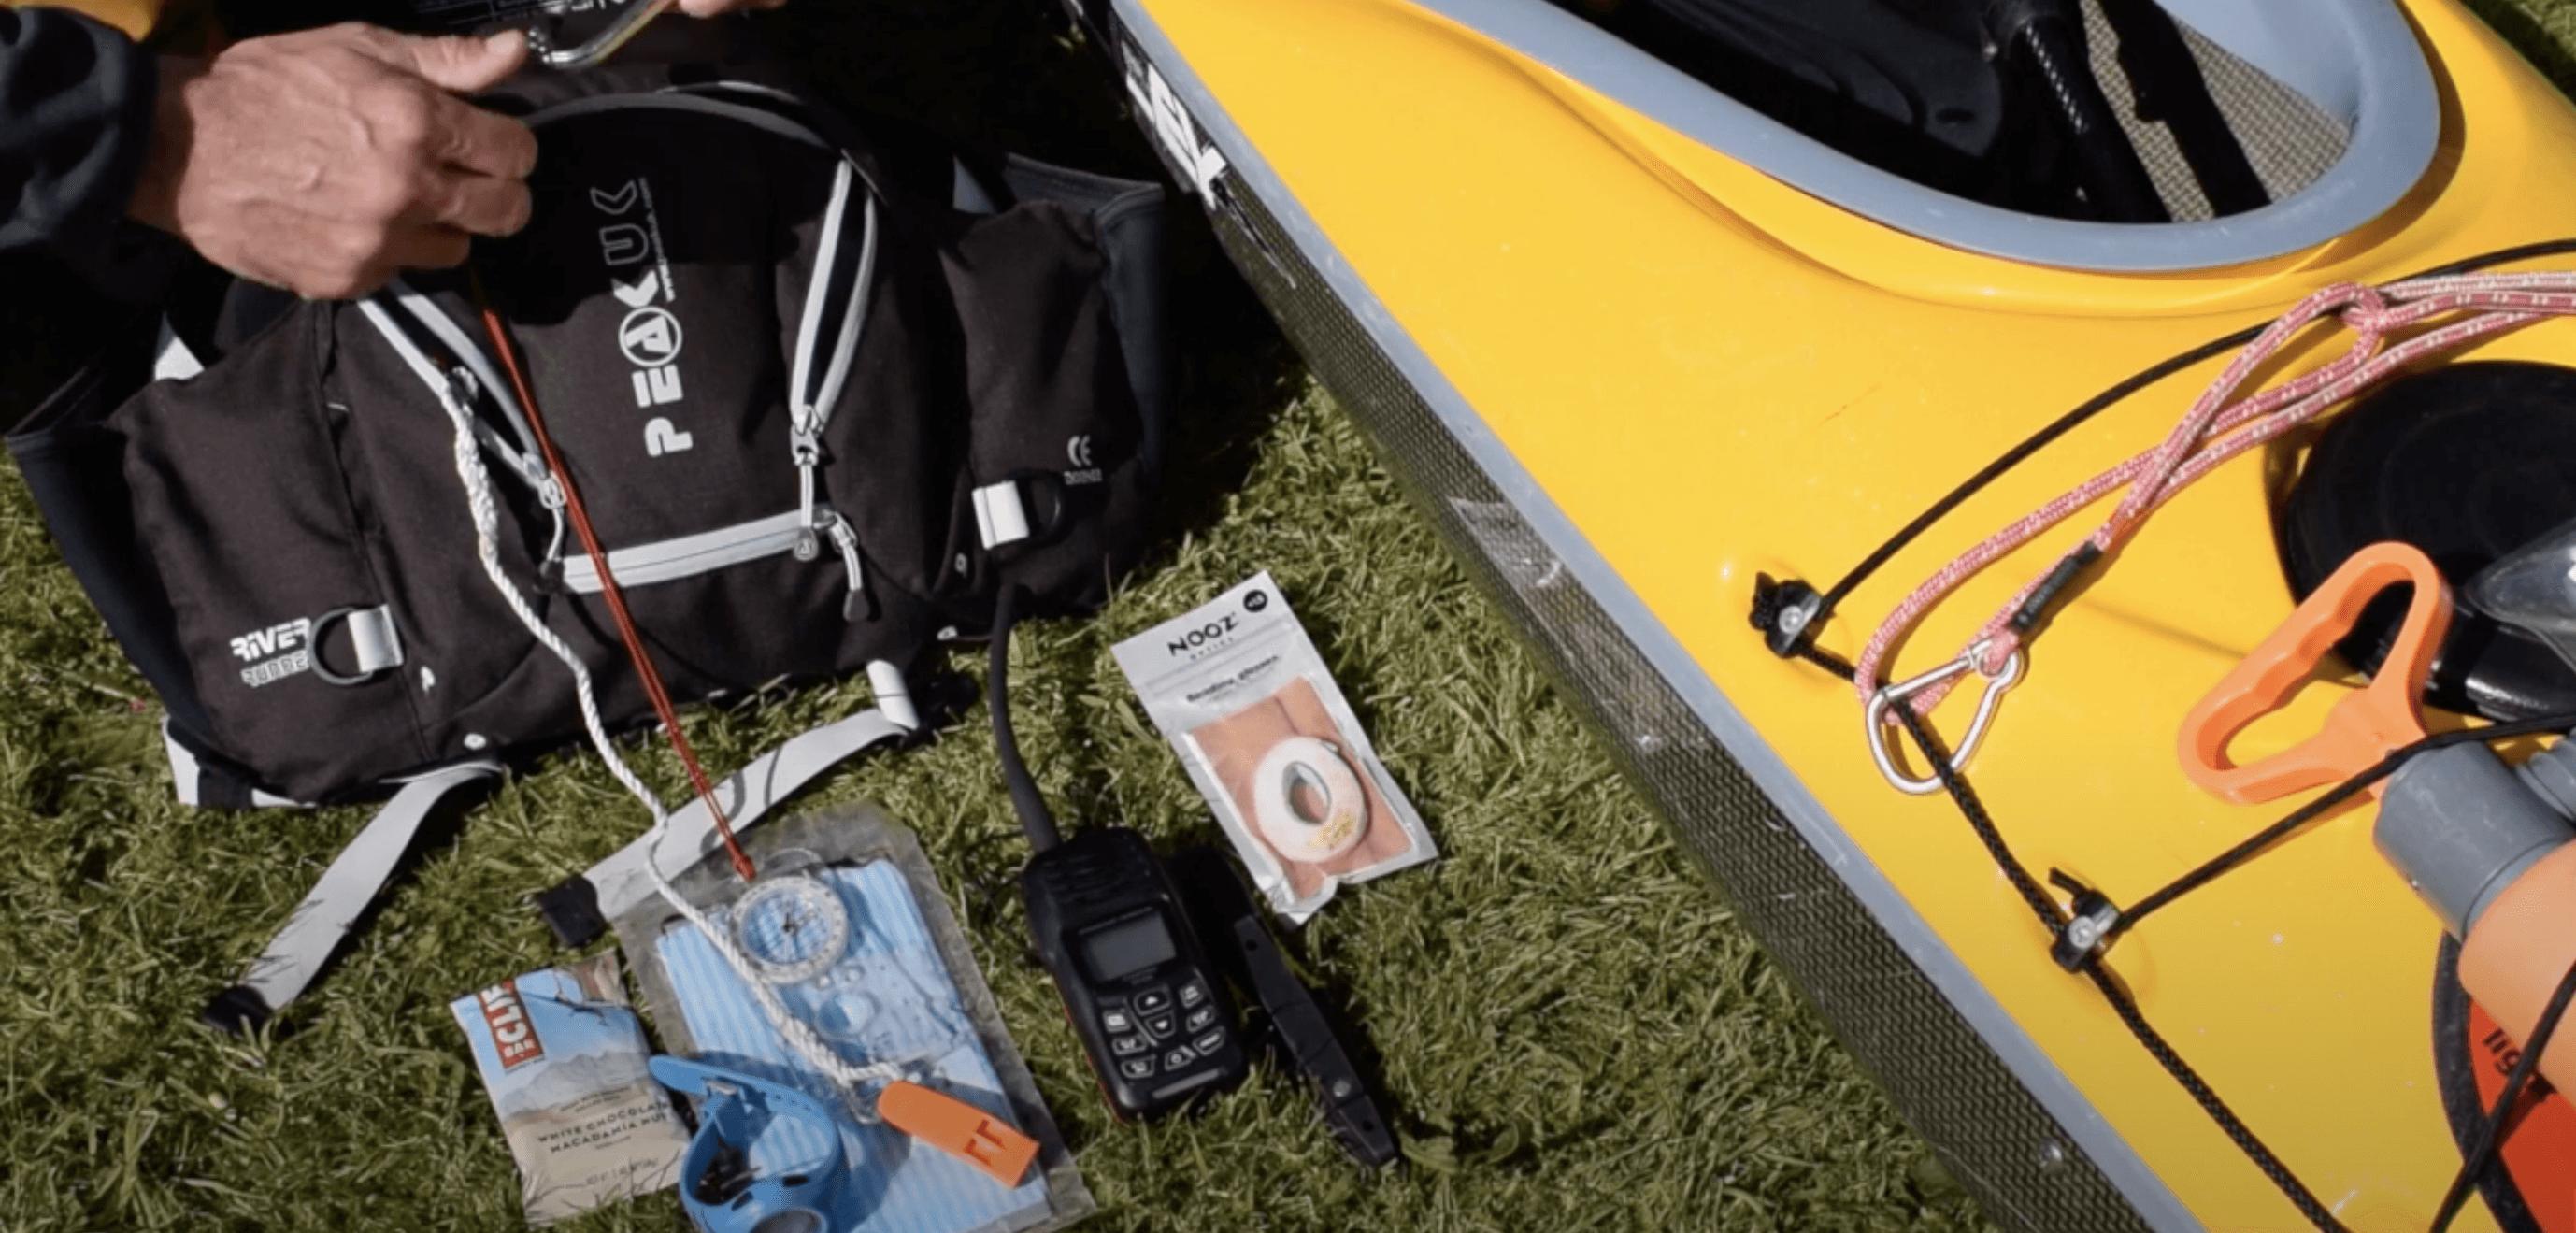 Kayak Safety Kit - PFD